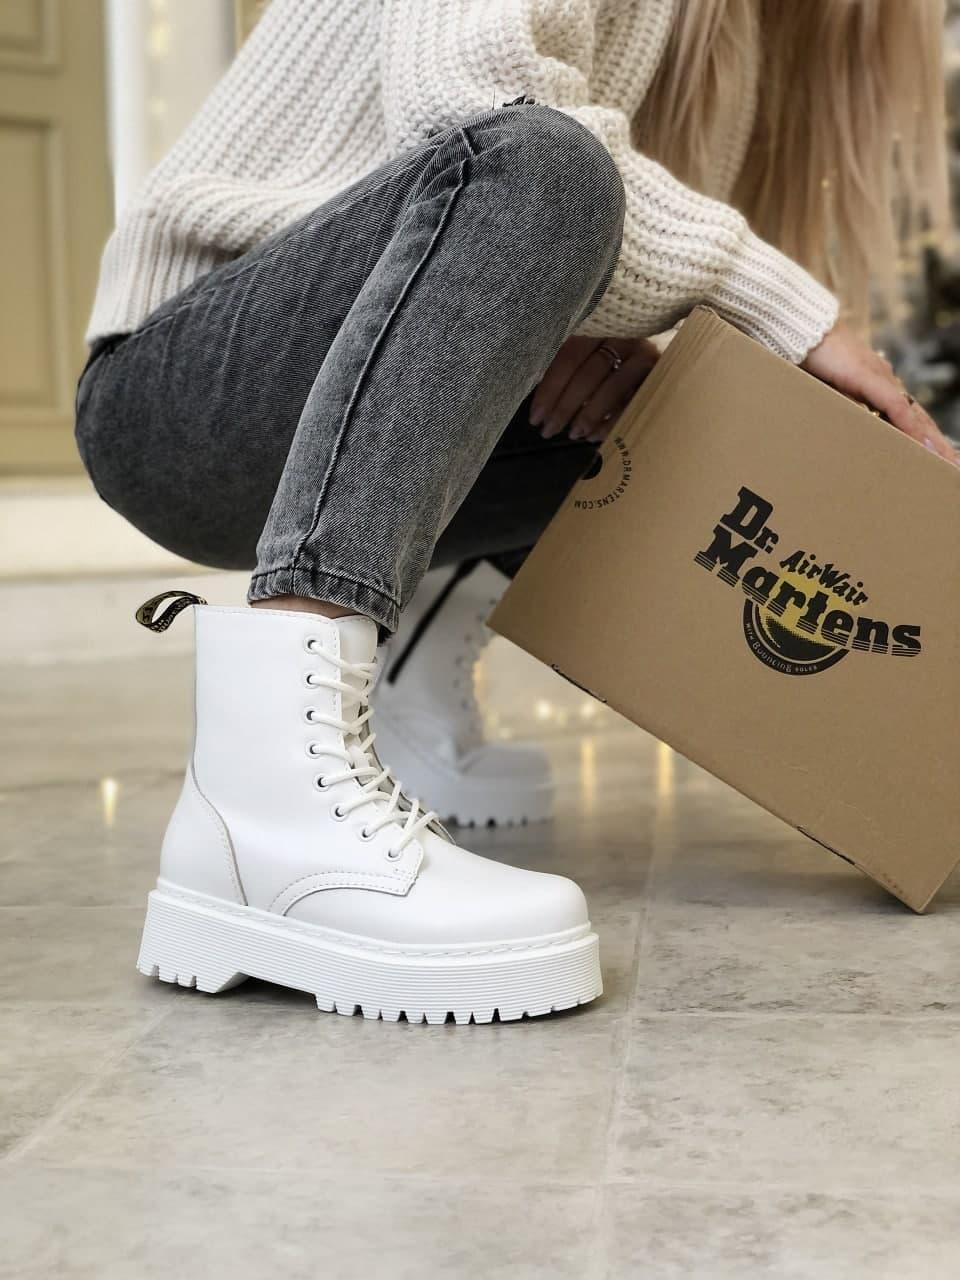 Женские ботинки Dr.Martens  белые(копия)